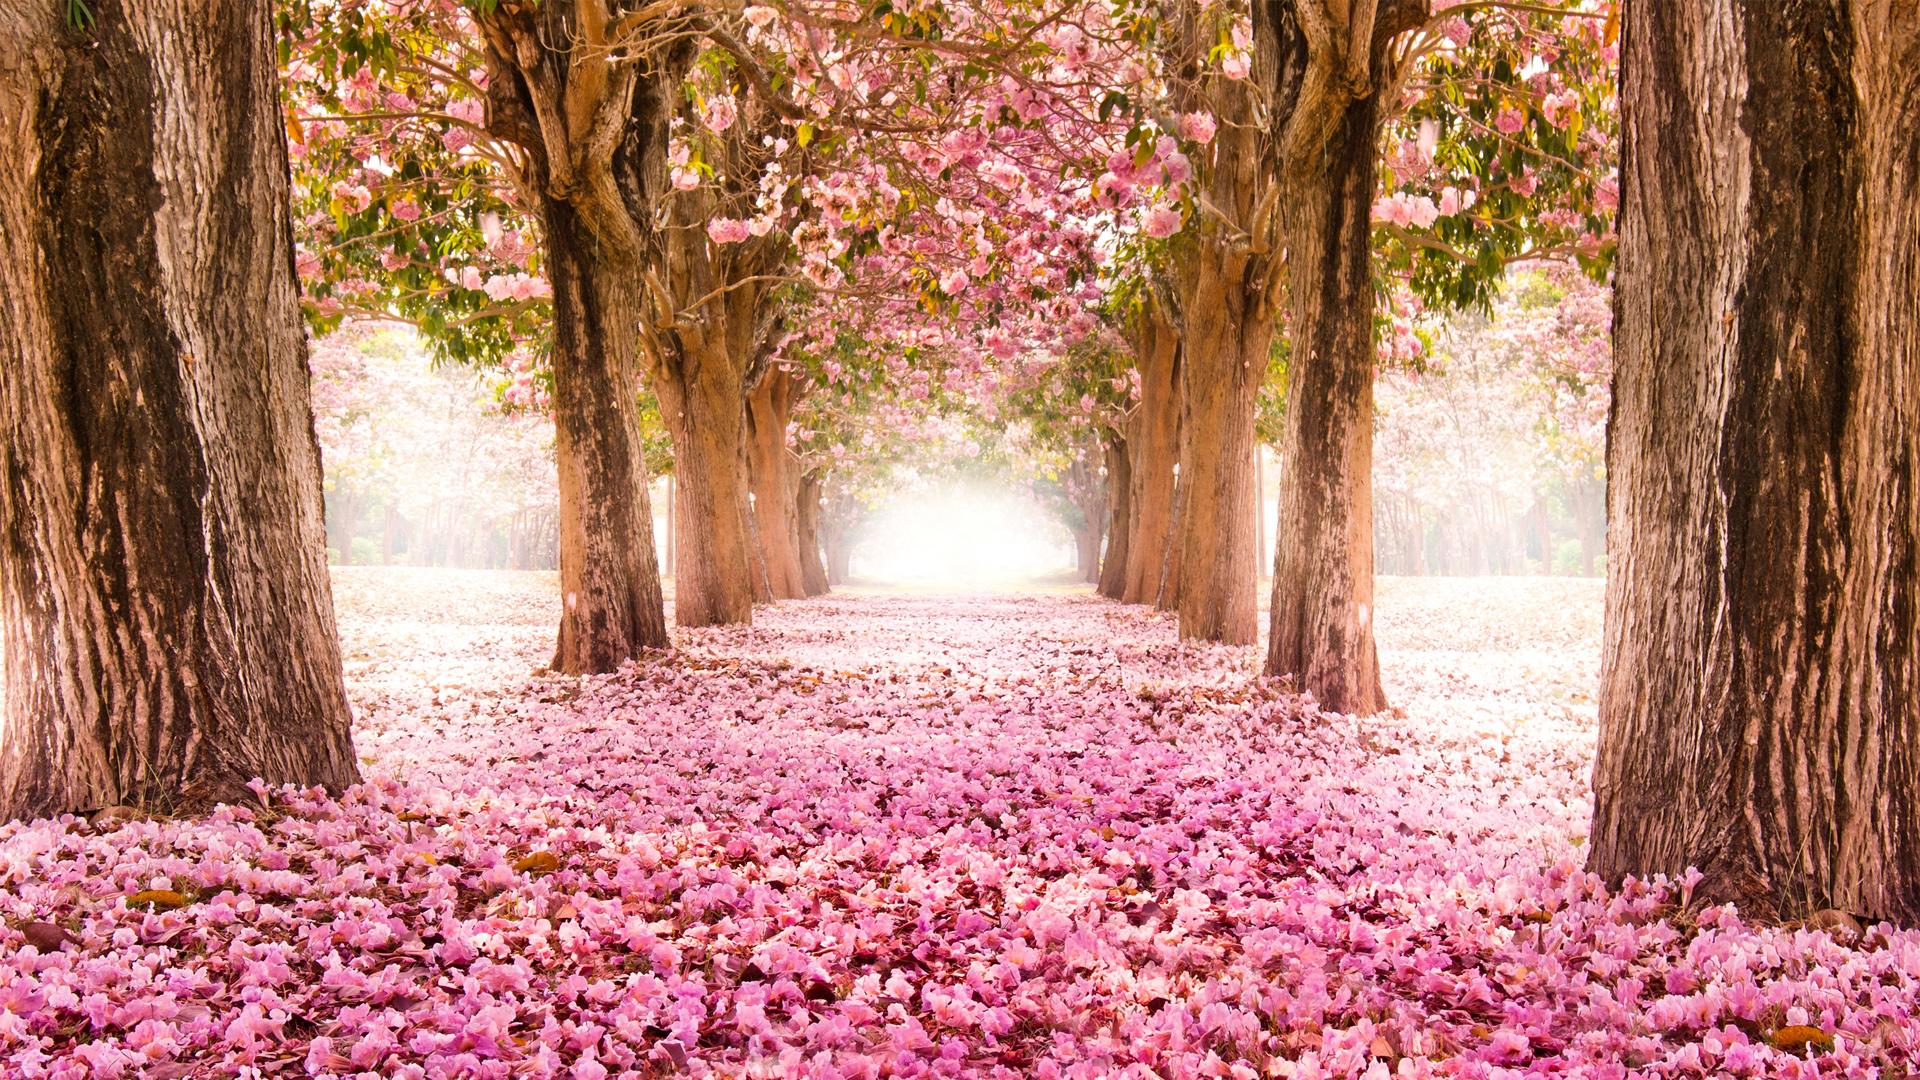 بالصور اجمل وردة في العالم , صور جديدة لاجمل وردة فى العالم 5548 1